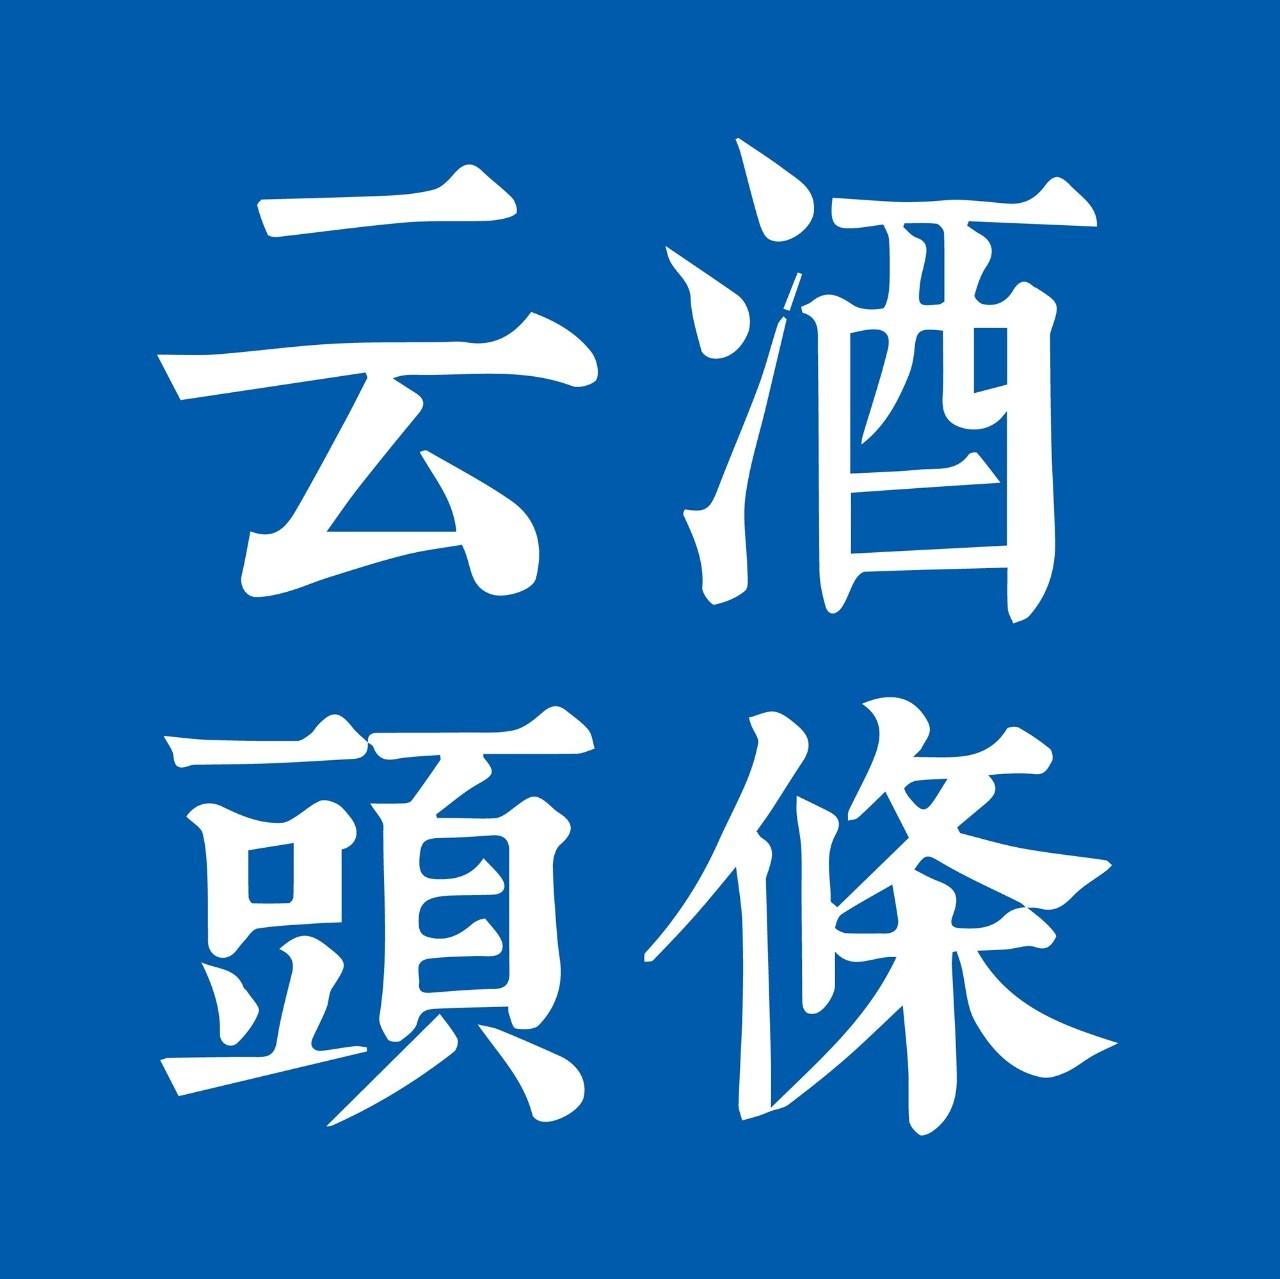 洋河:储存原酒70万吨,新江苏市场570个;王朝披露2011-2016年业绩;百威亚太仍谋求IPO|云酒早知道